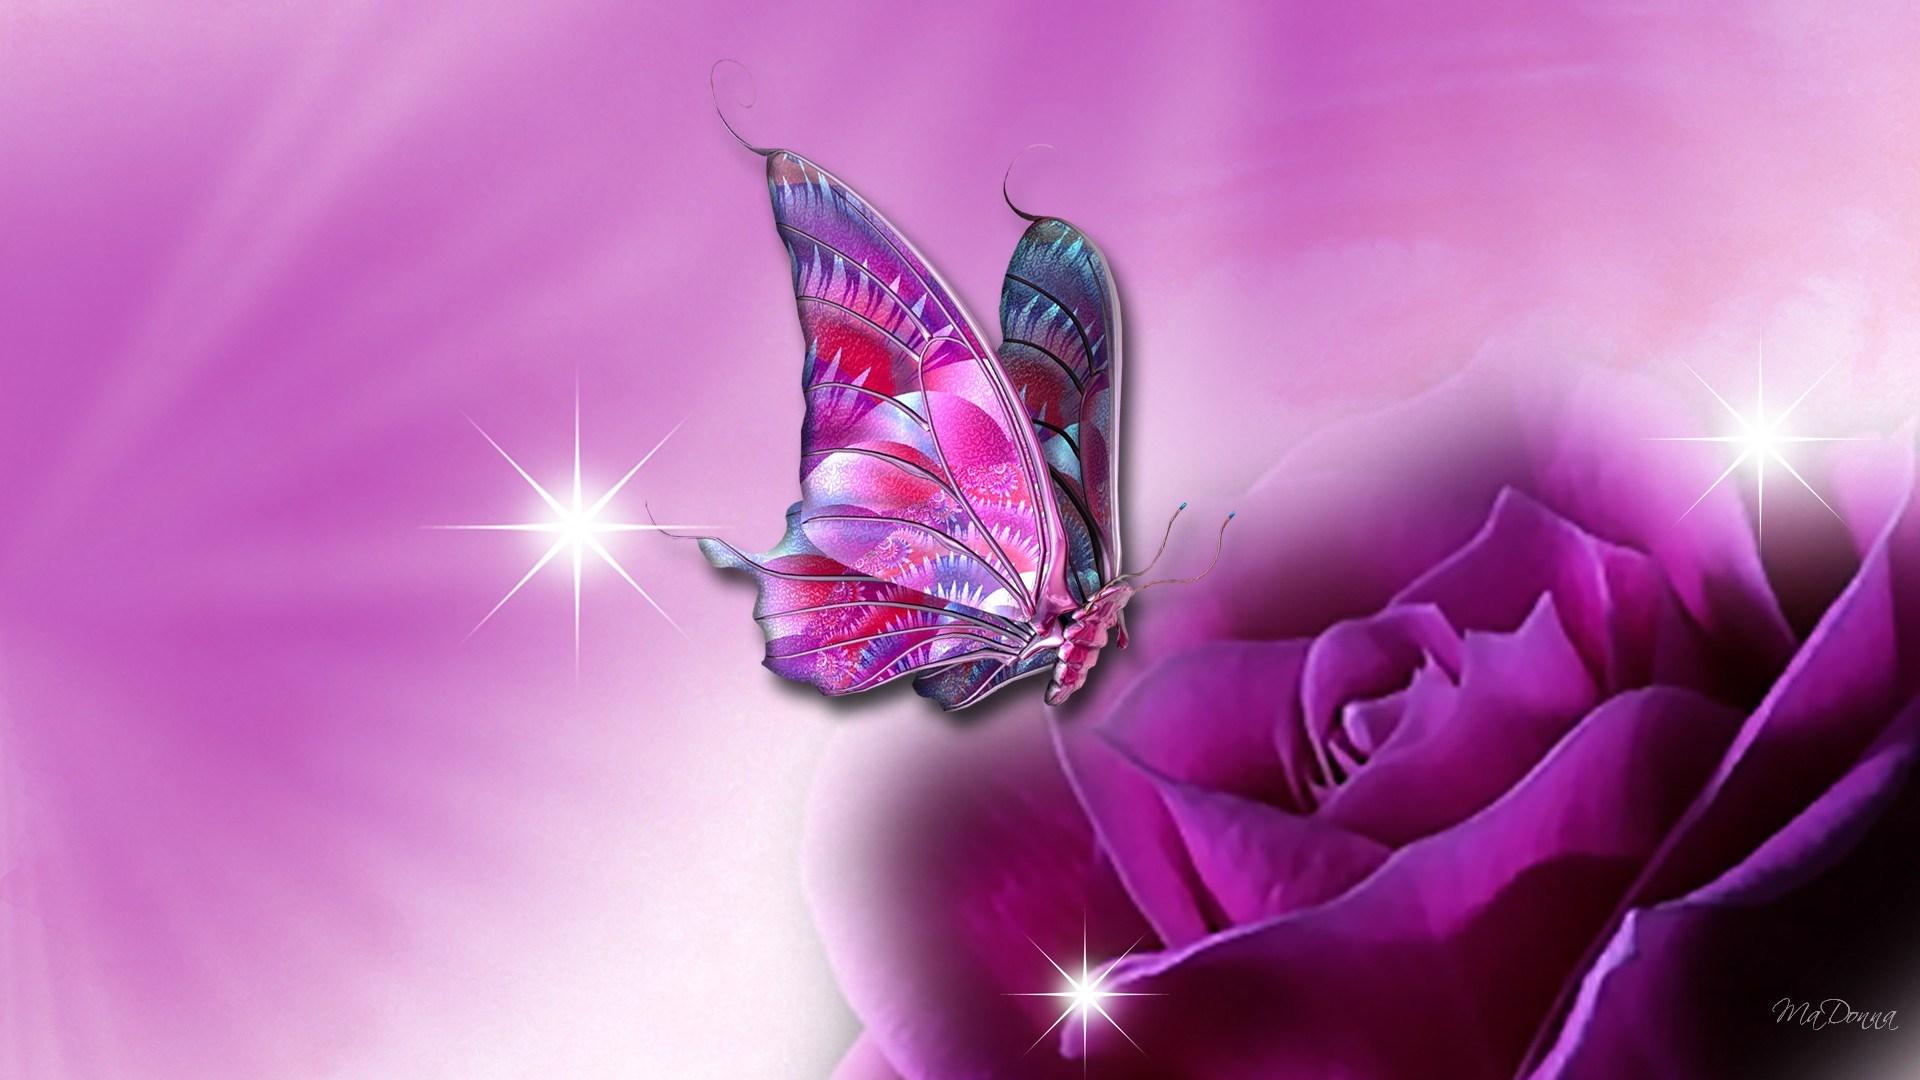 Скачать бесплатно обои бабочки на рабочий стол   подборка (10)